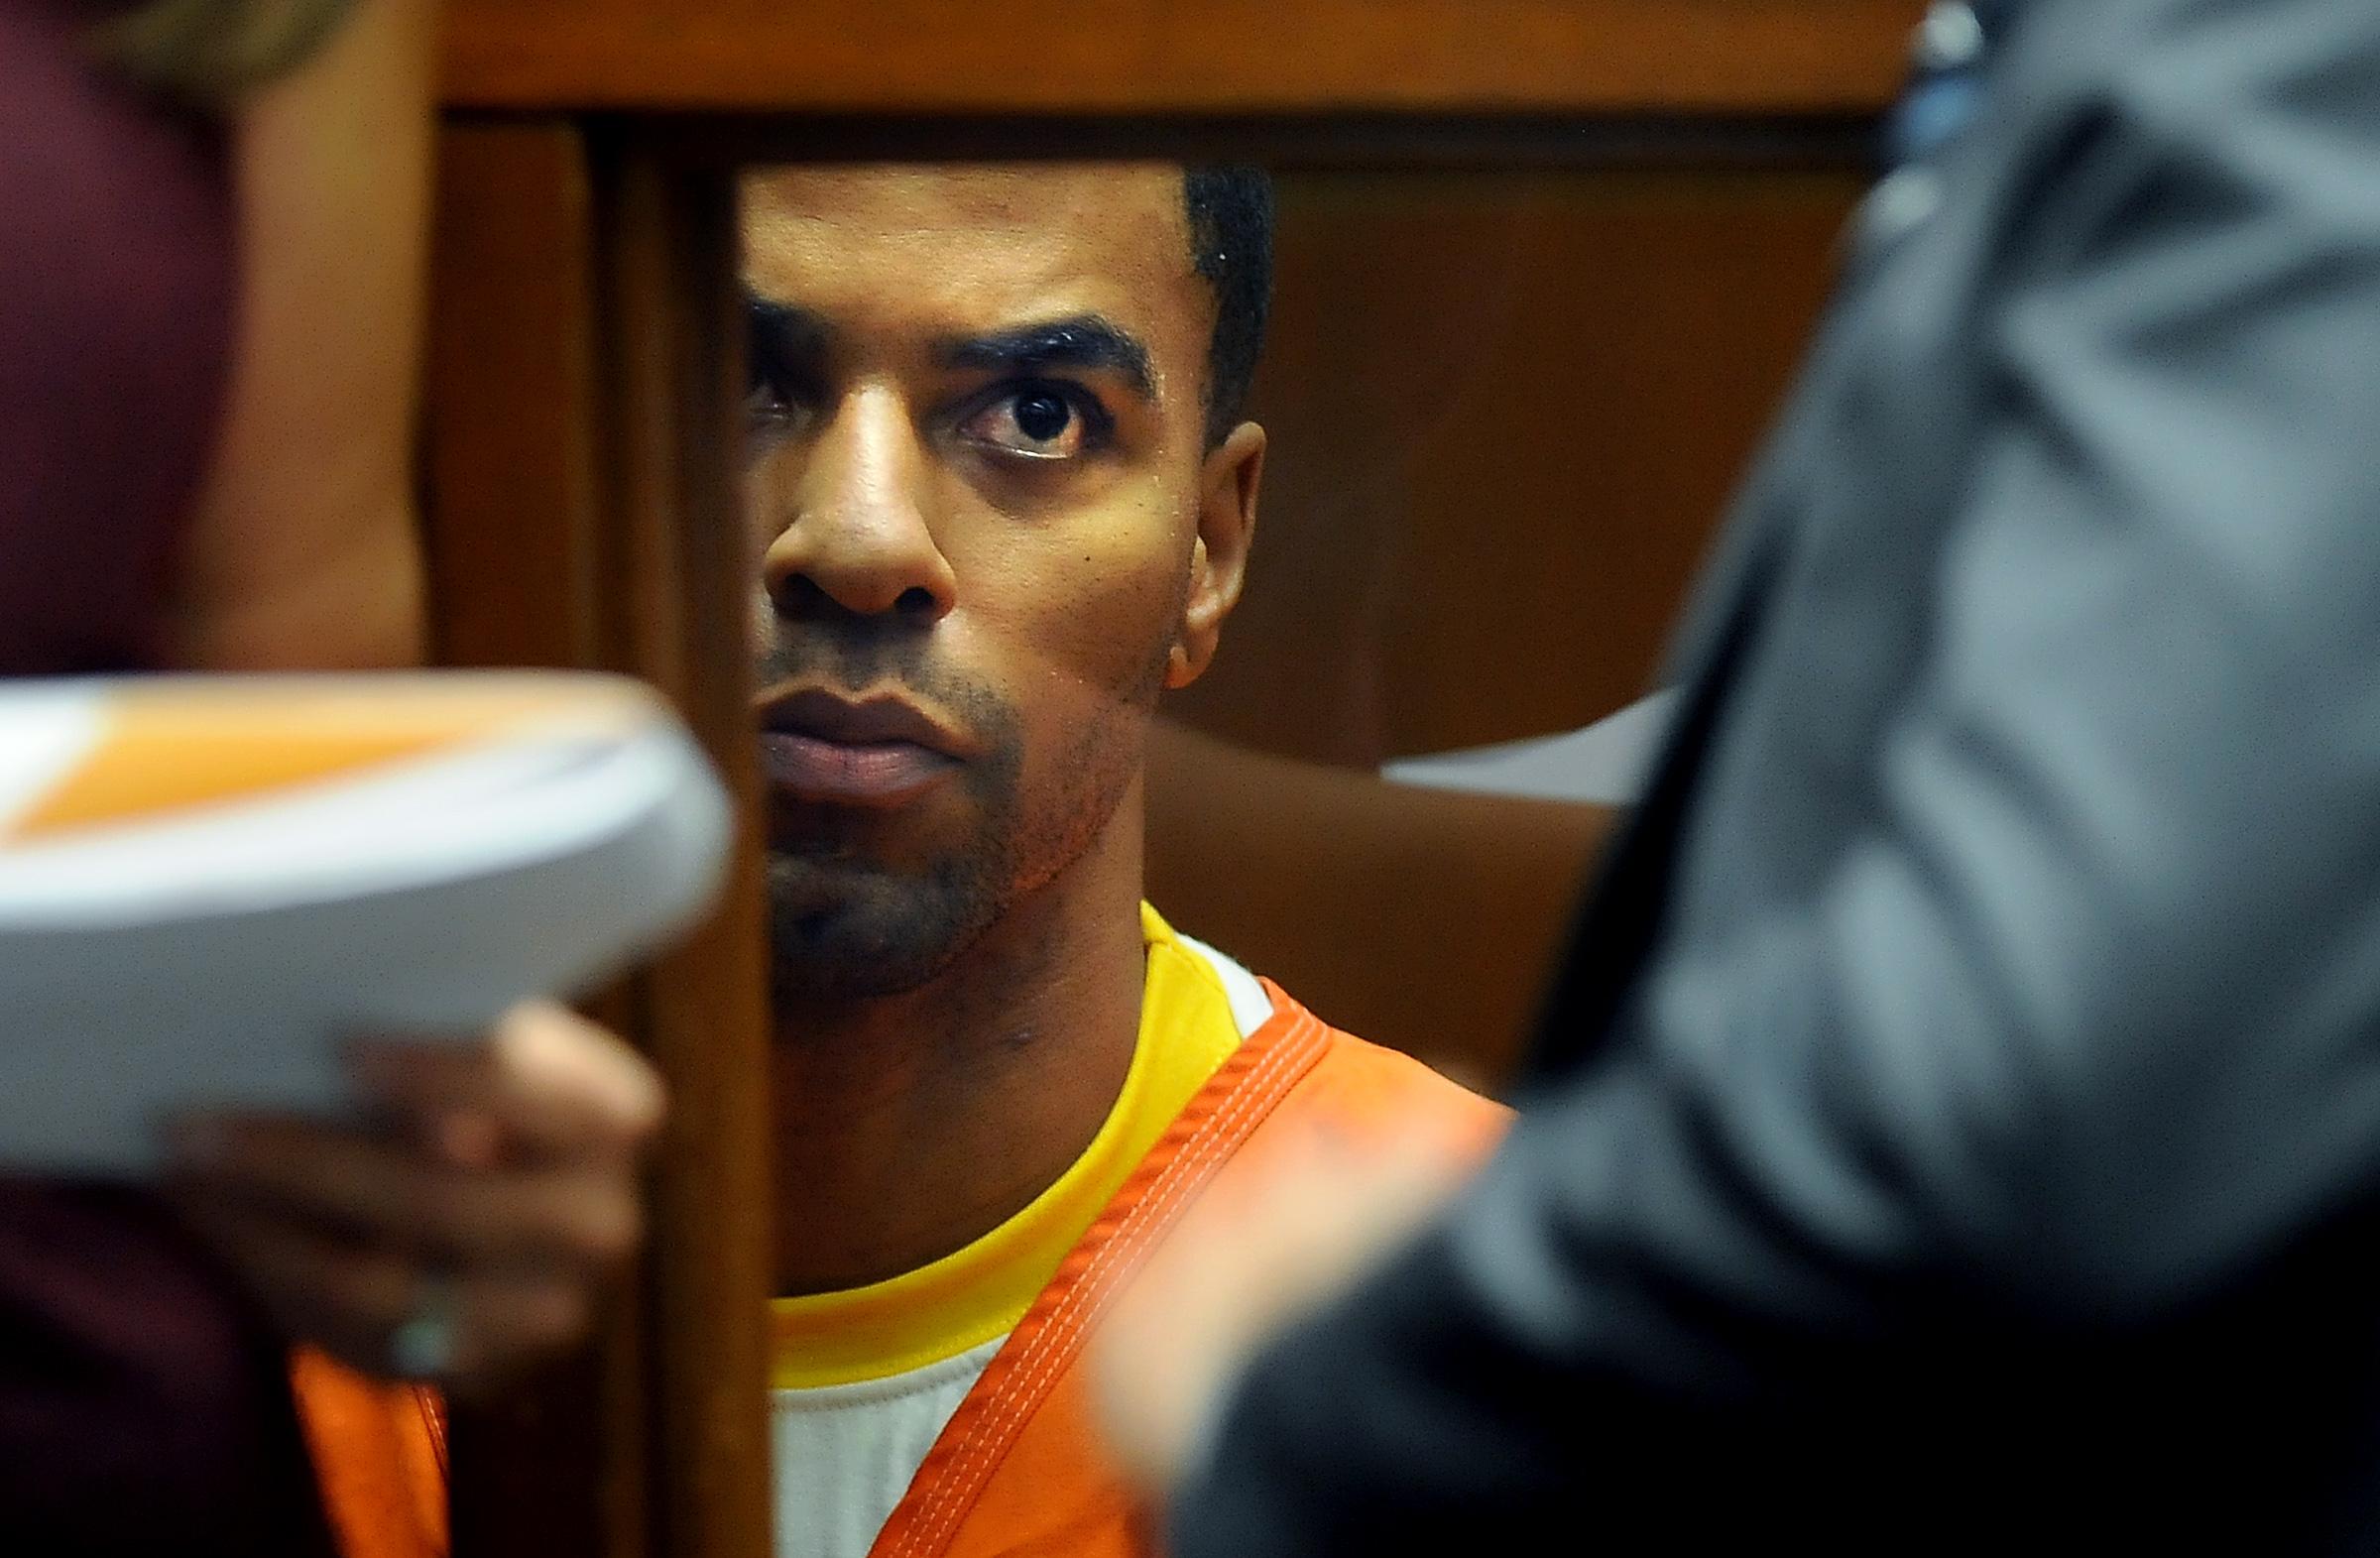 Bail Set For Former NFL Player Darren Sharper